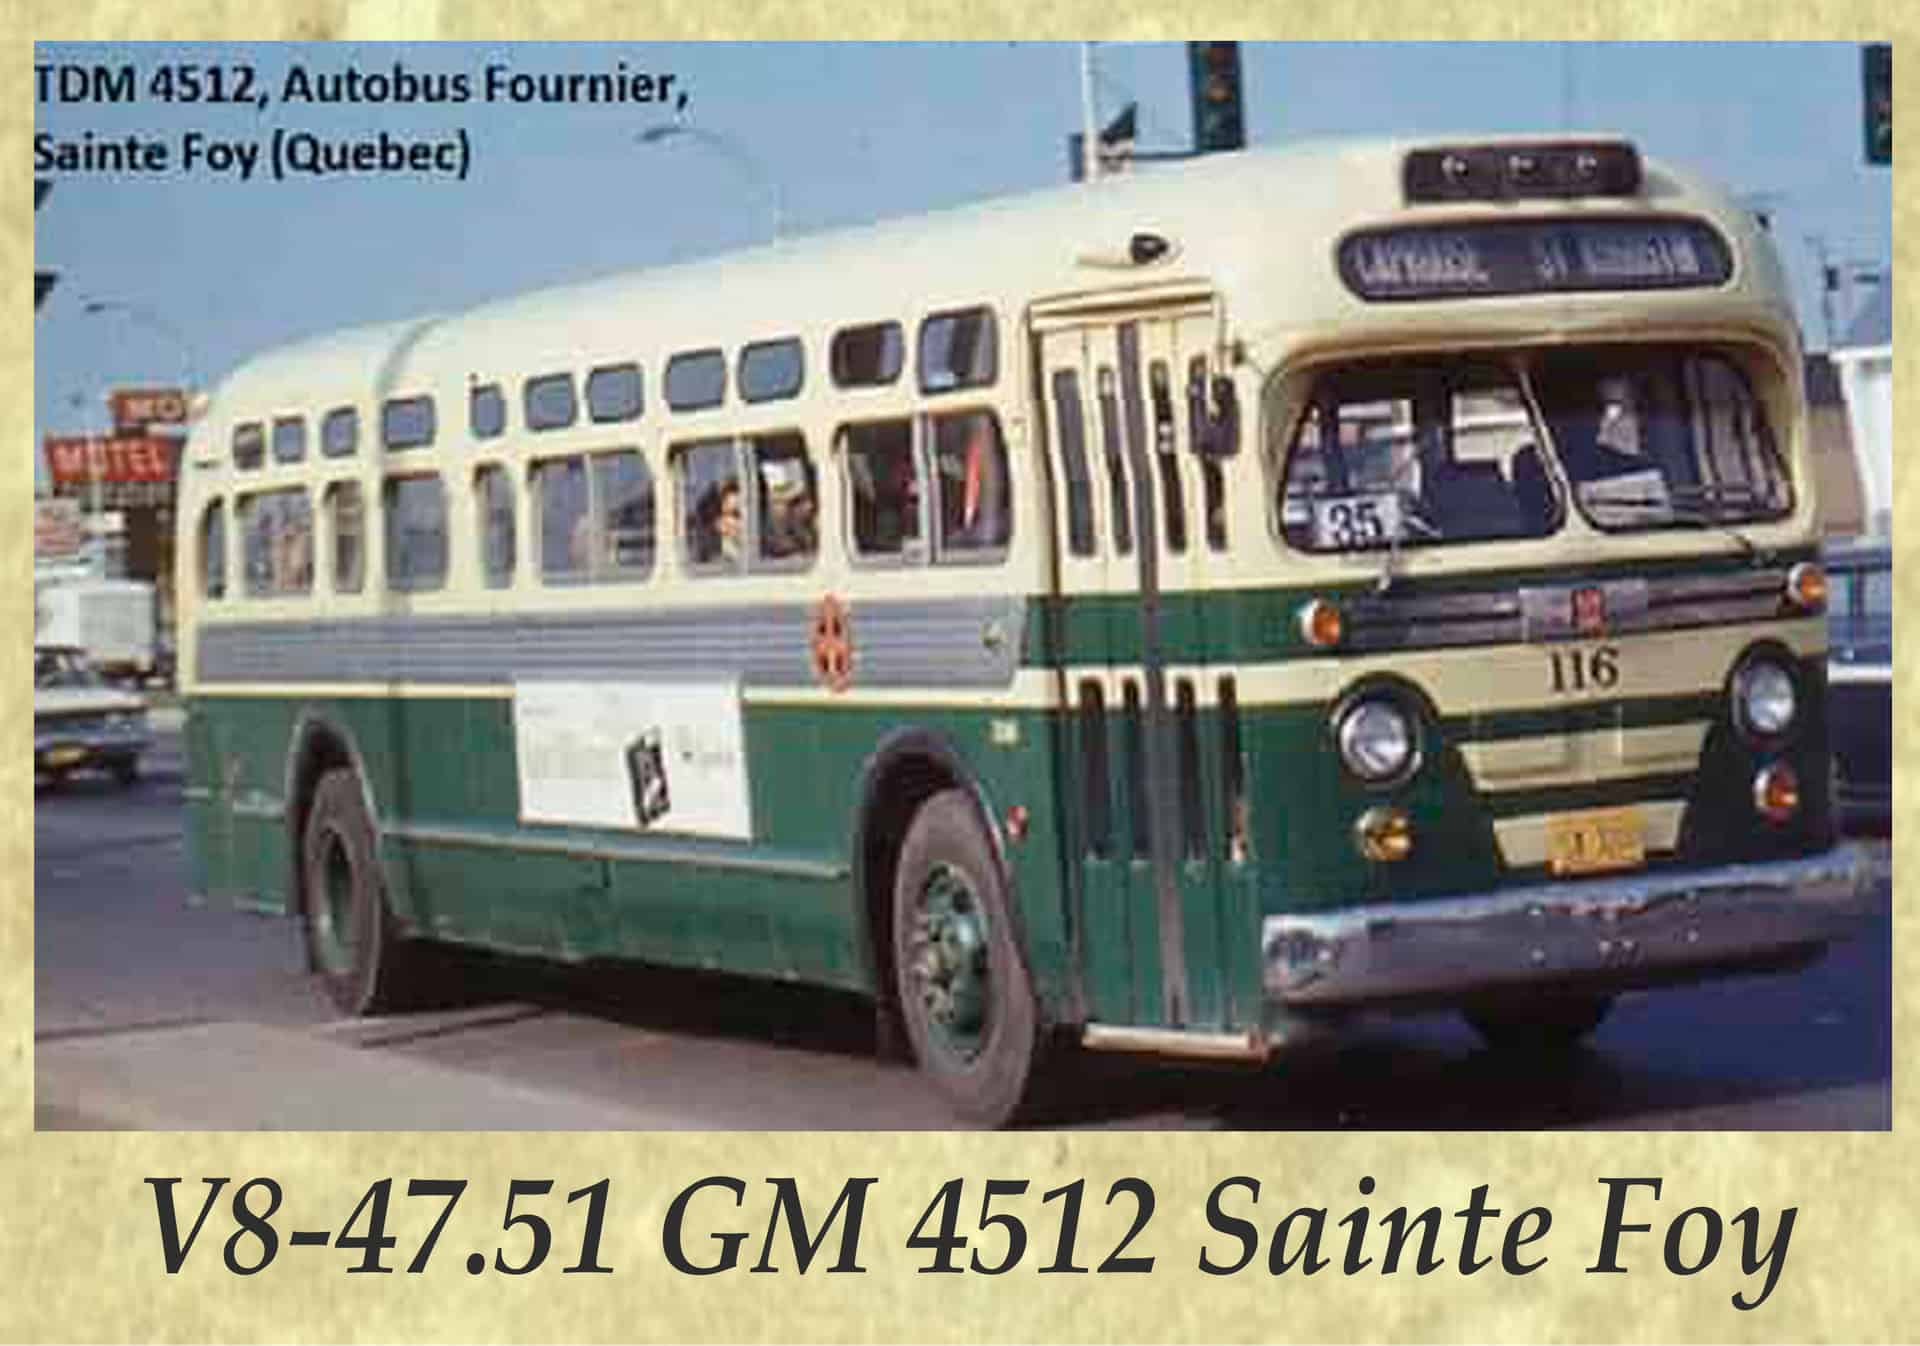 V8-47.51 GM 4512 Sainte Foy